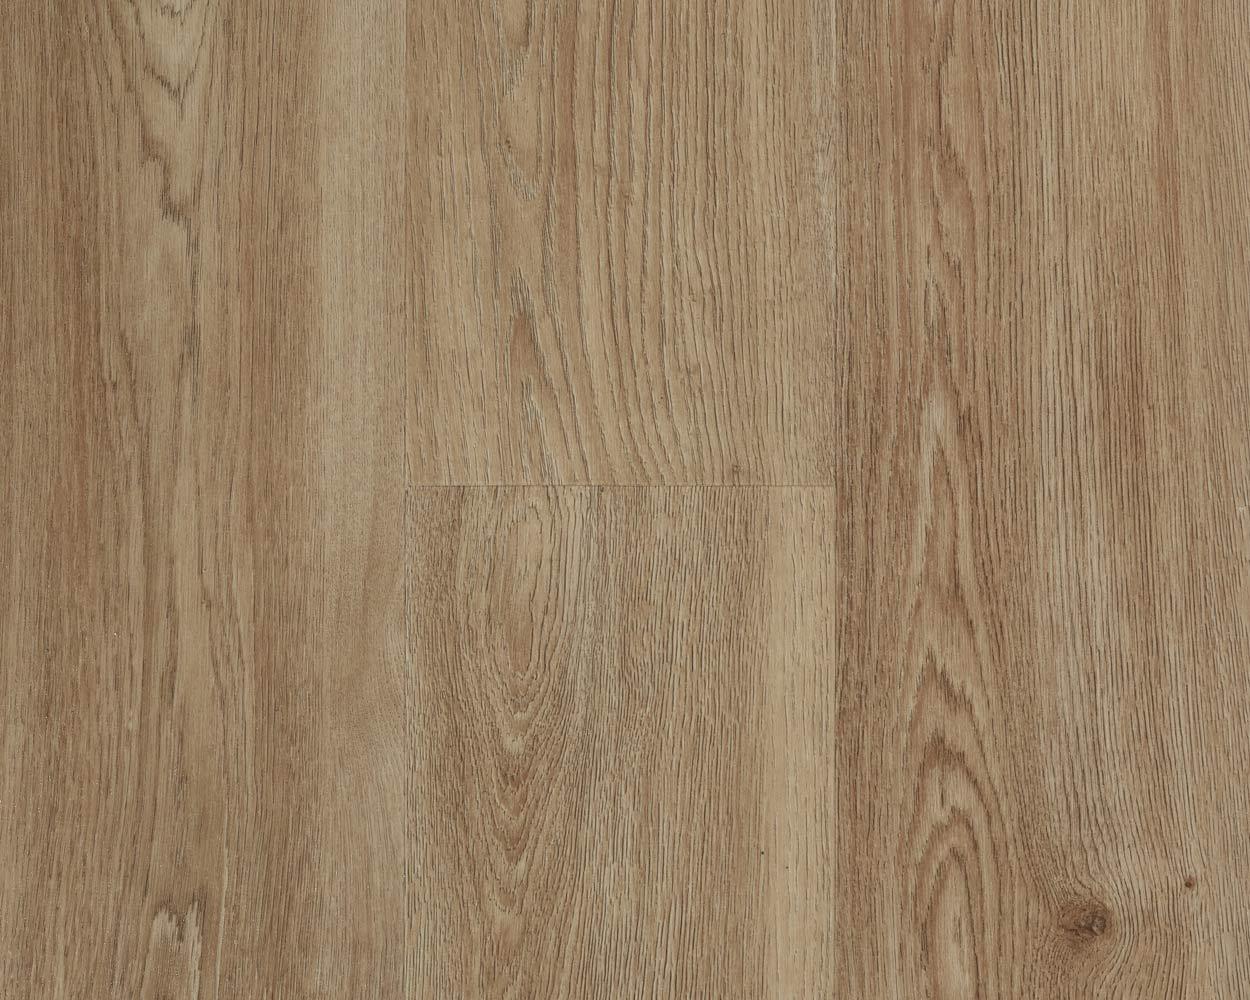 Columbian Oak Flächenansicht